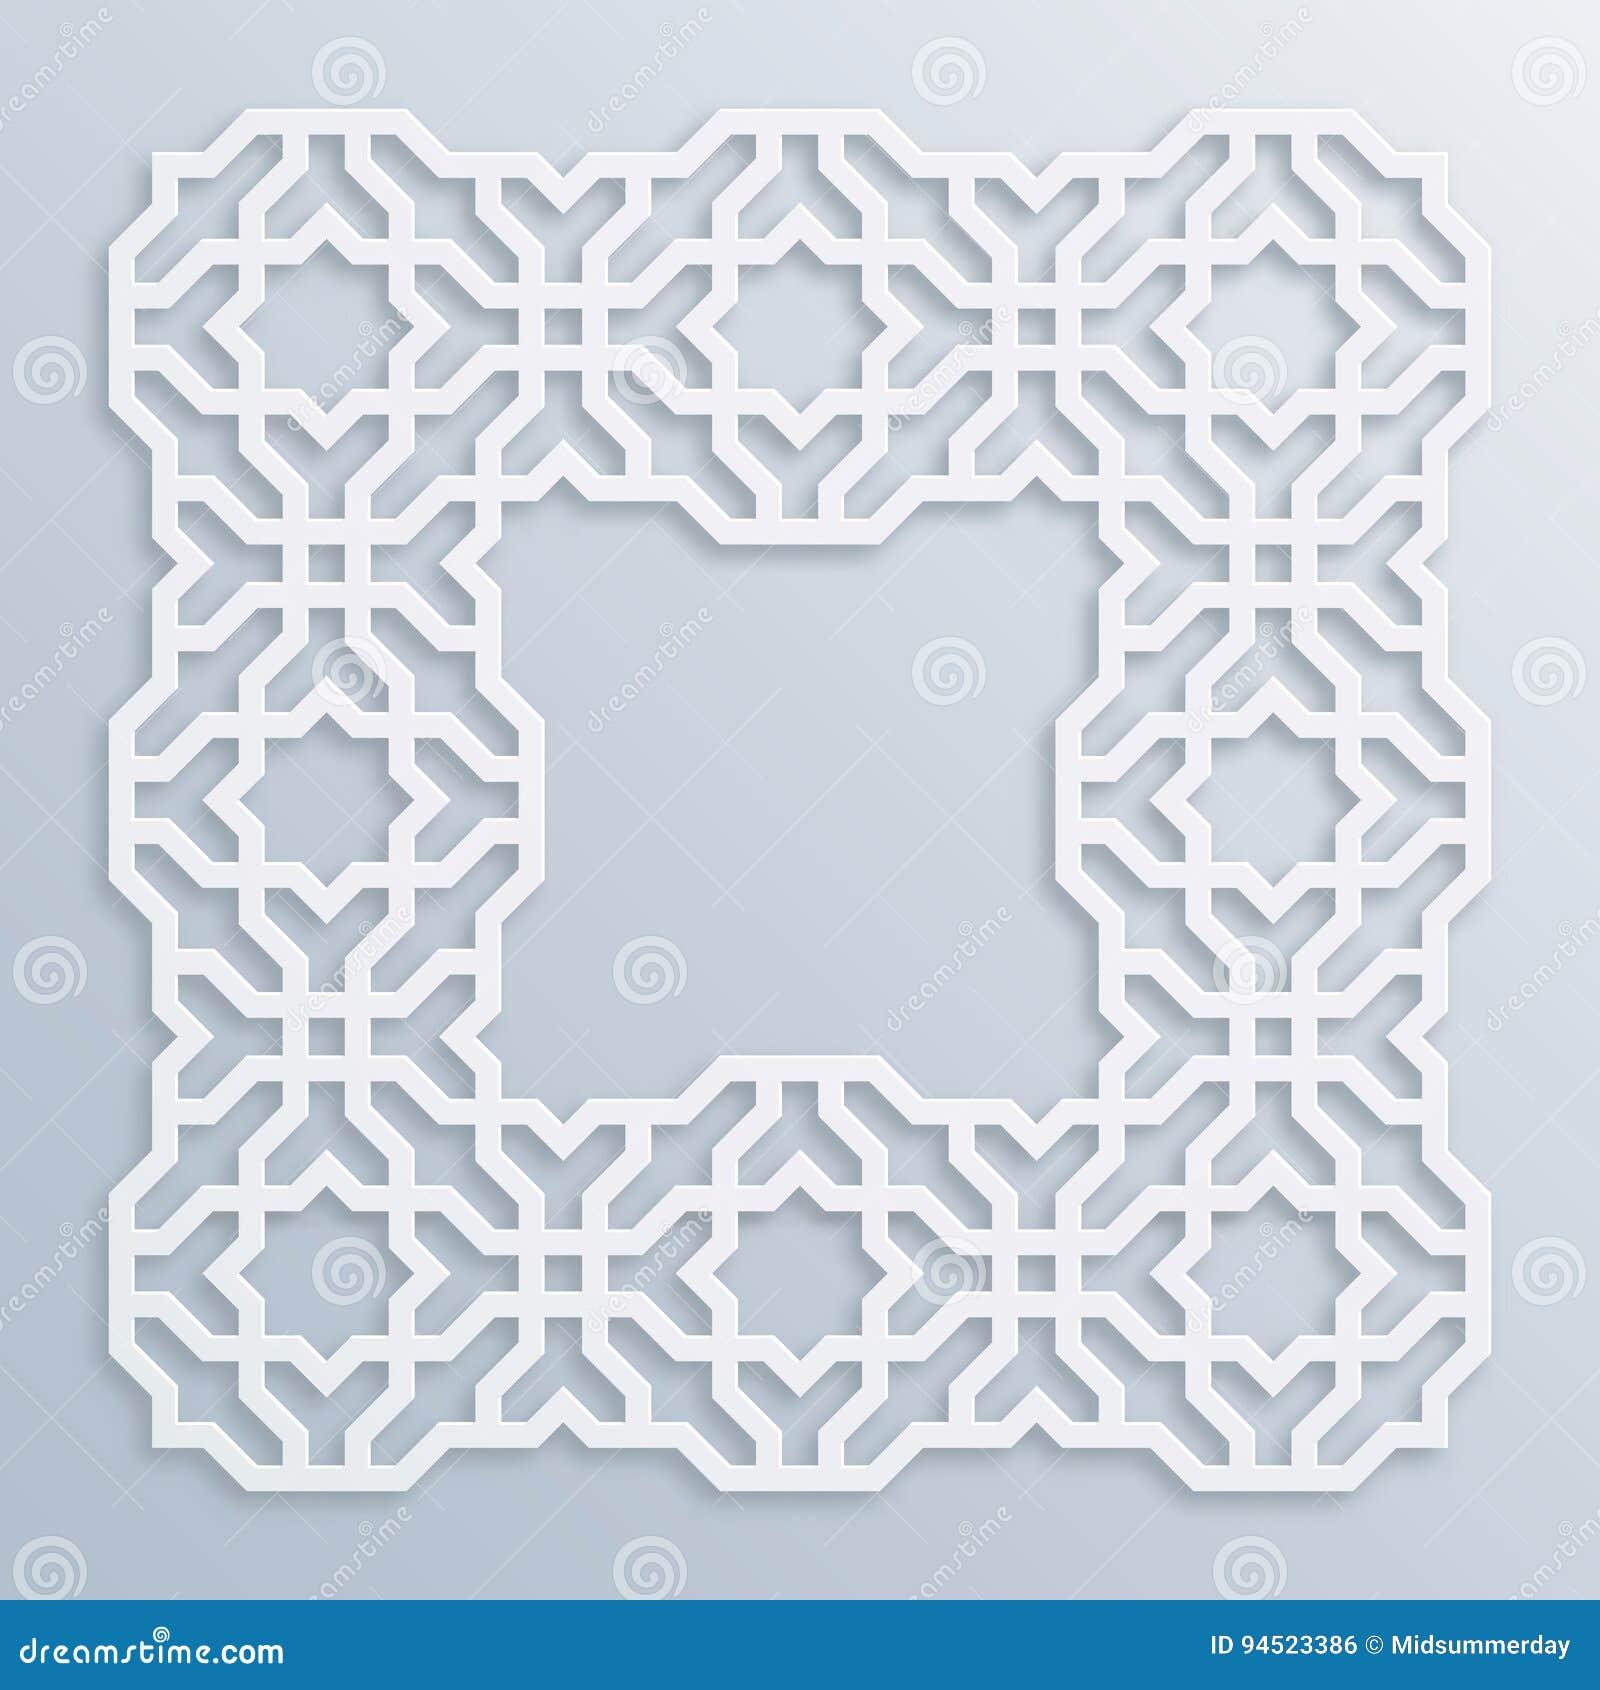 3D Quadratischer Weißer Rahmen, Vignette Islamische Geometrische ...